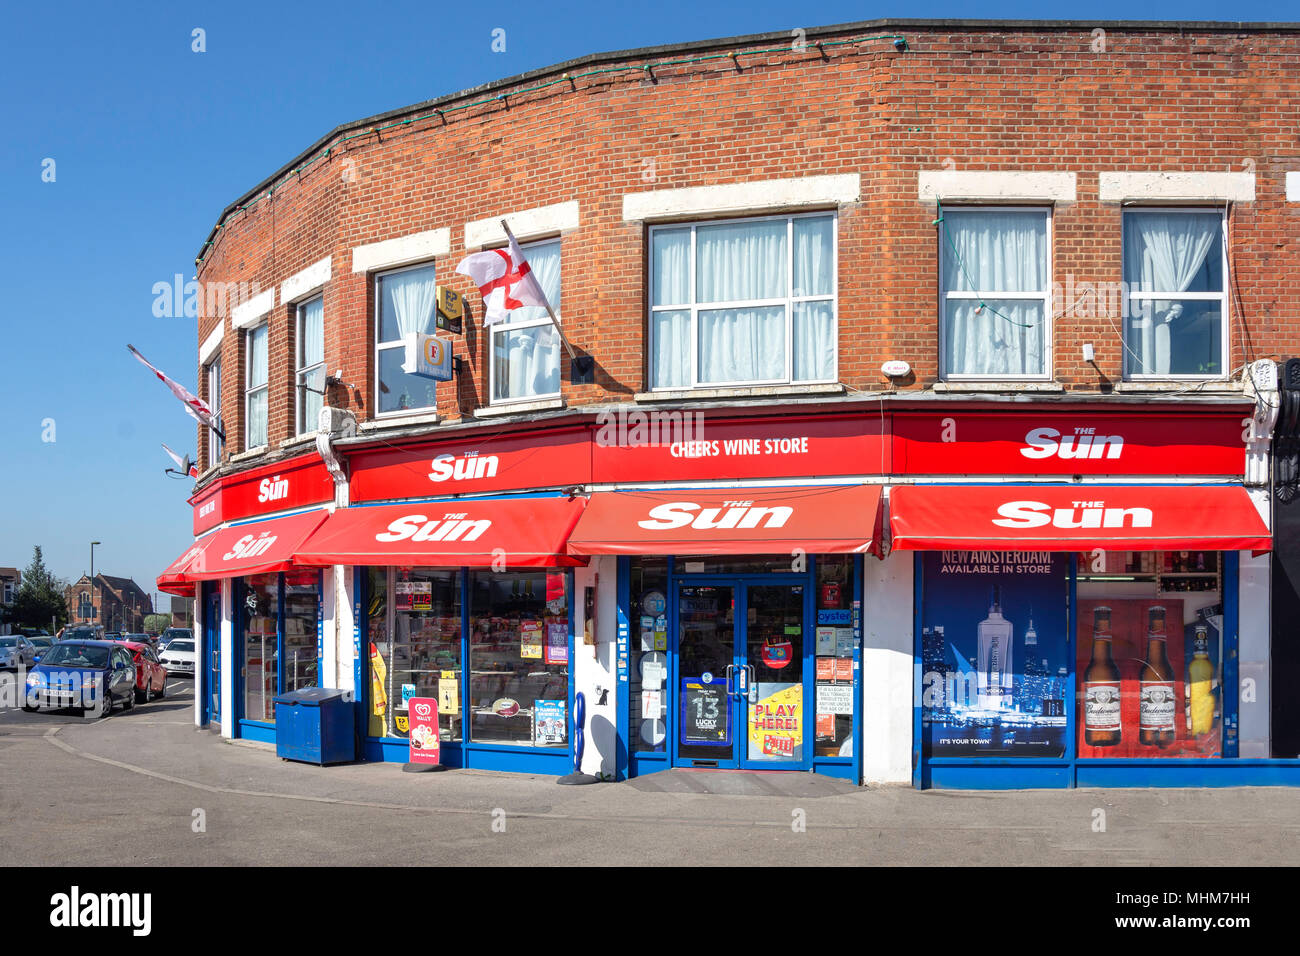 Cheers Wine Store & Edicole, Station Approach, Ashford, Surrey, England, Regno Unito Immagini Stock